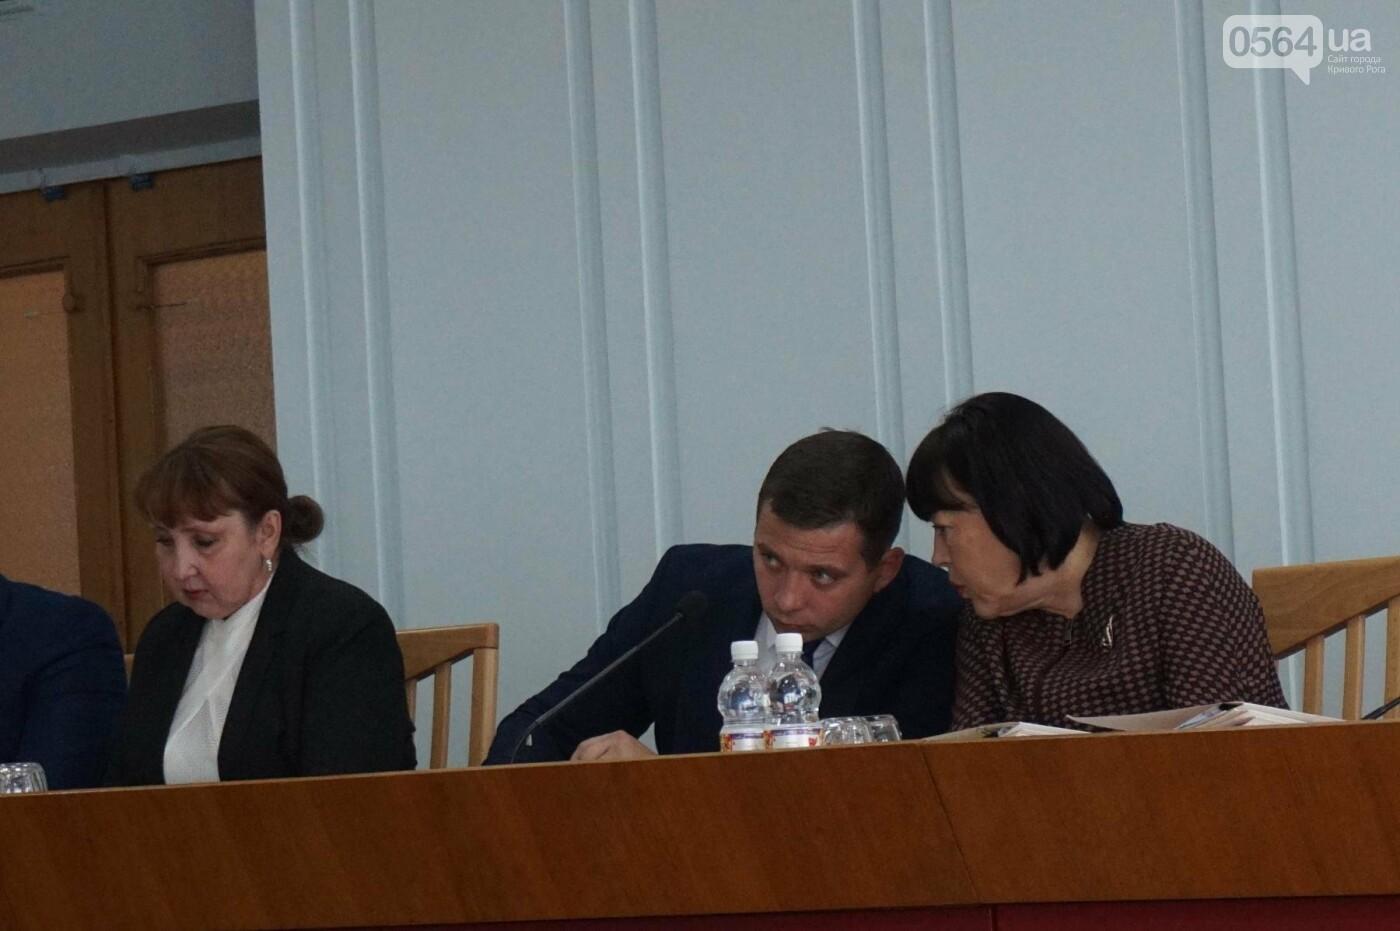 """""""Мы что, так хорошо отработали, что недостатков нет?"""" - криворожский мэр об итогах оздоровительной кампании (ФОТО), фото-3"""